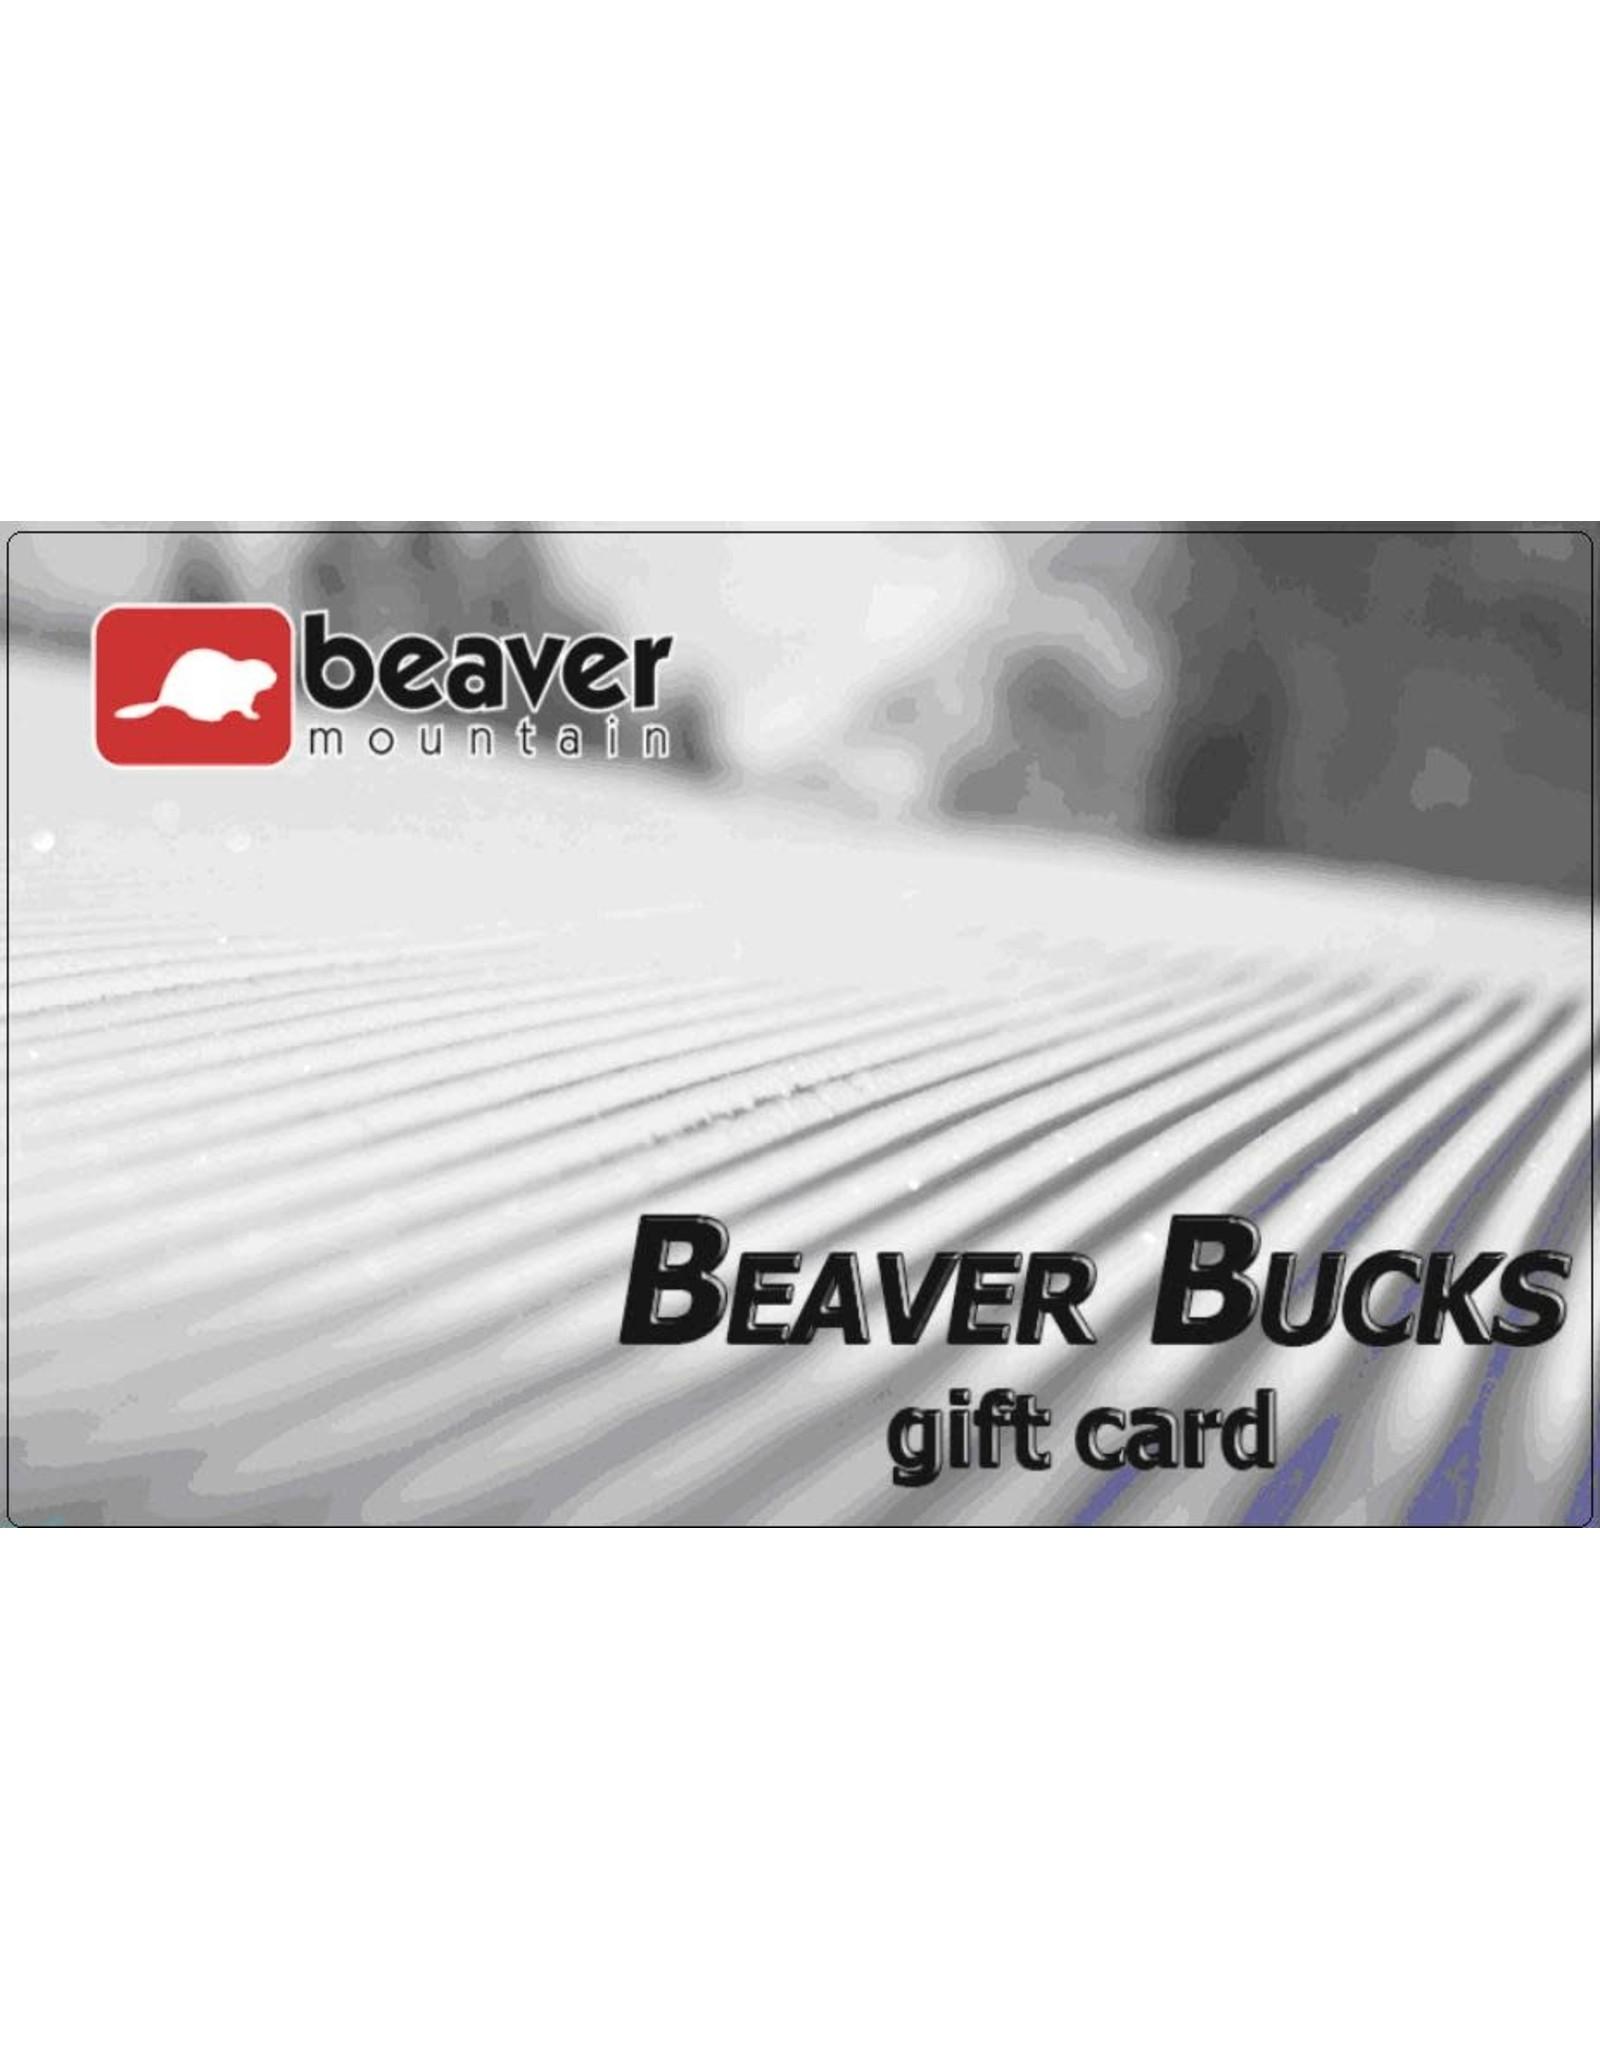 Beaver Mountain Beaver Mountain Gift Card